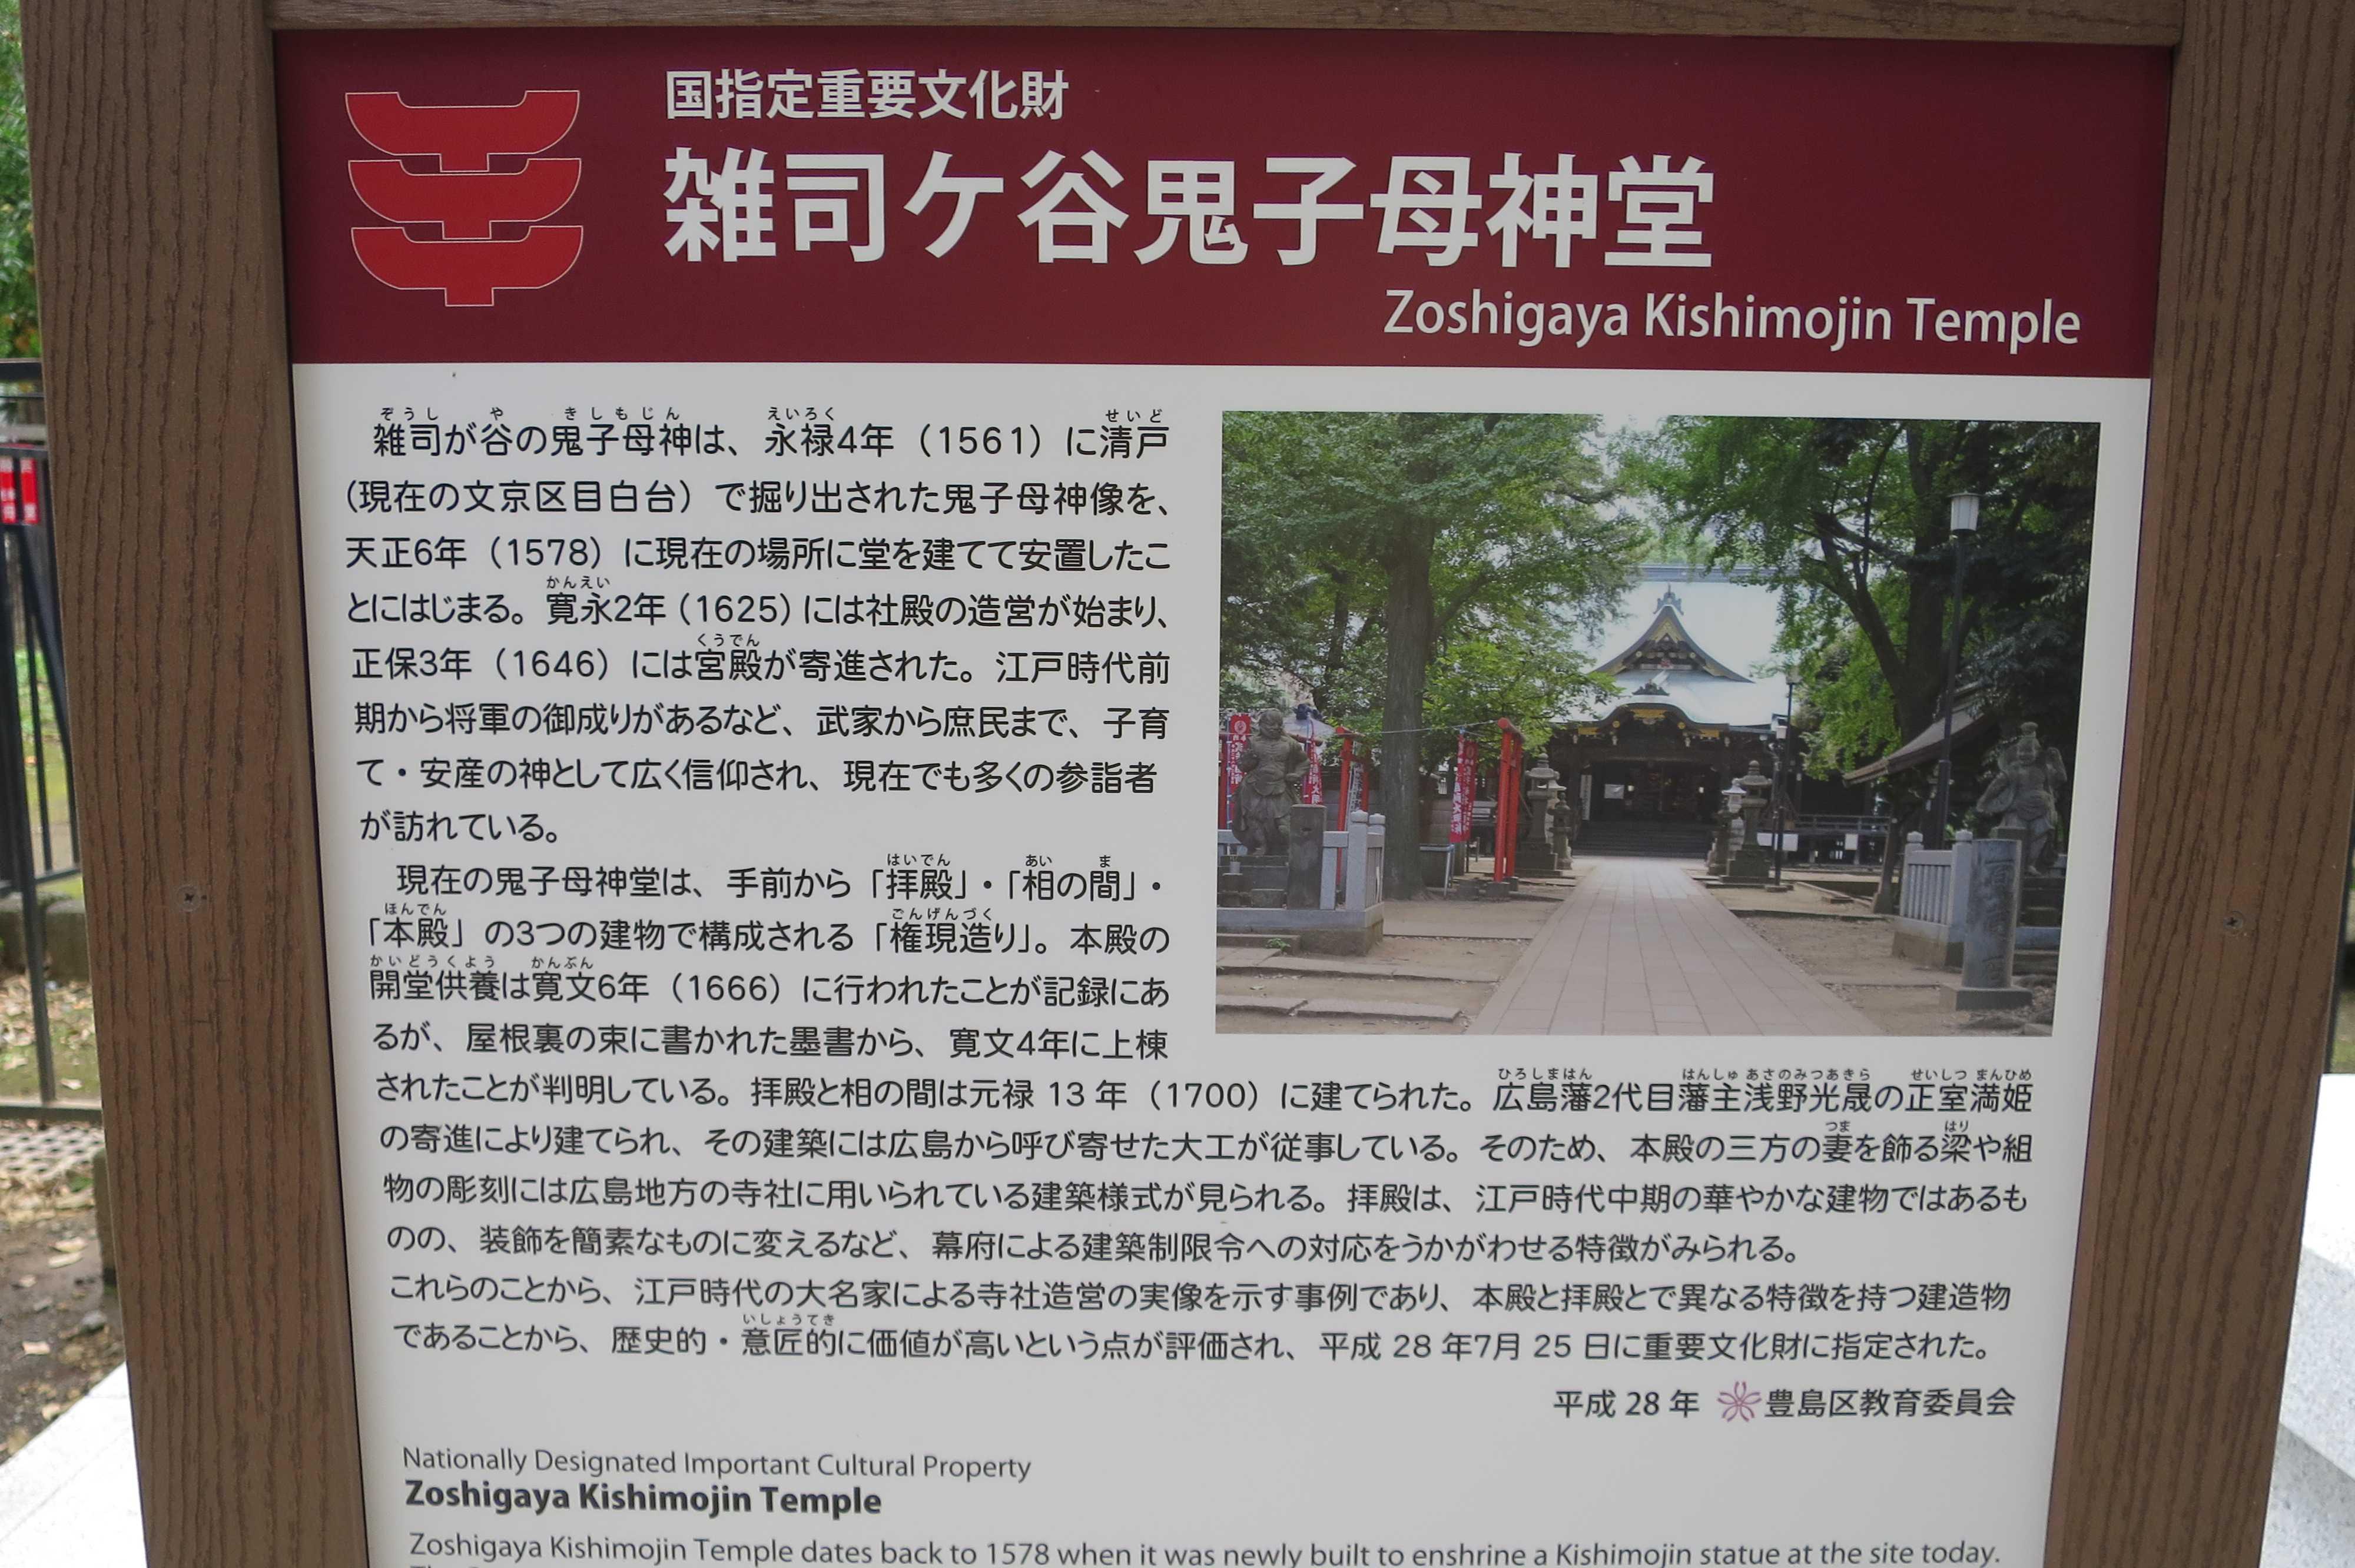 国指定重要文化財 雑司ヶ谷鬼子母神堂の案内板